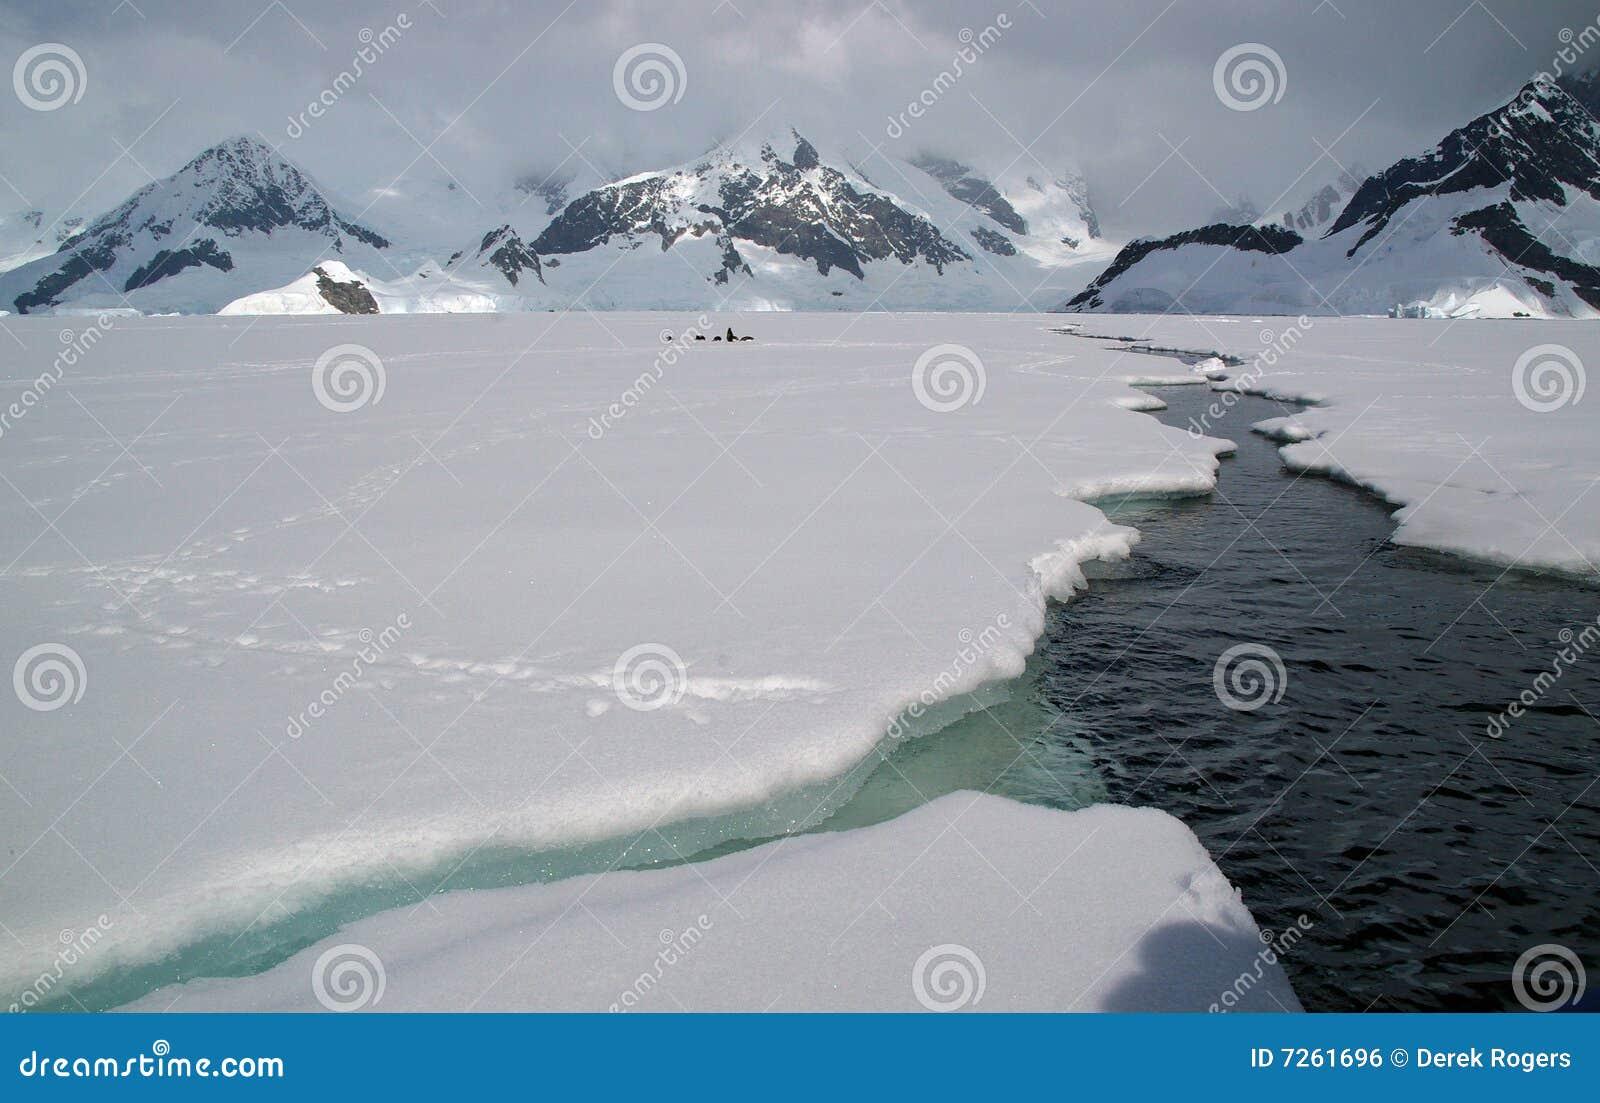 Antarctisch overzees ijs